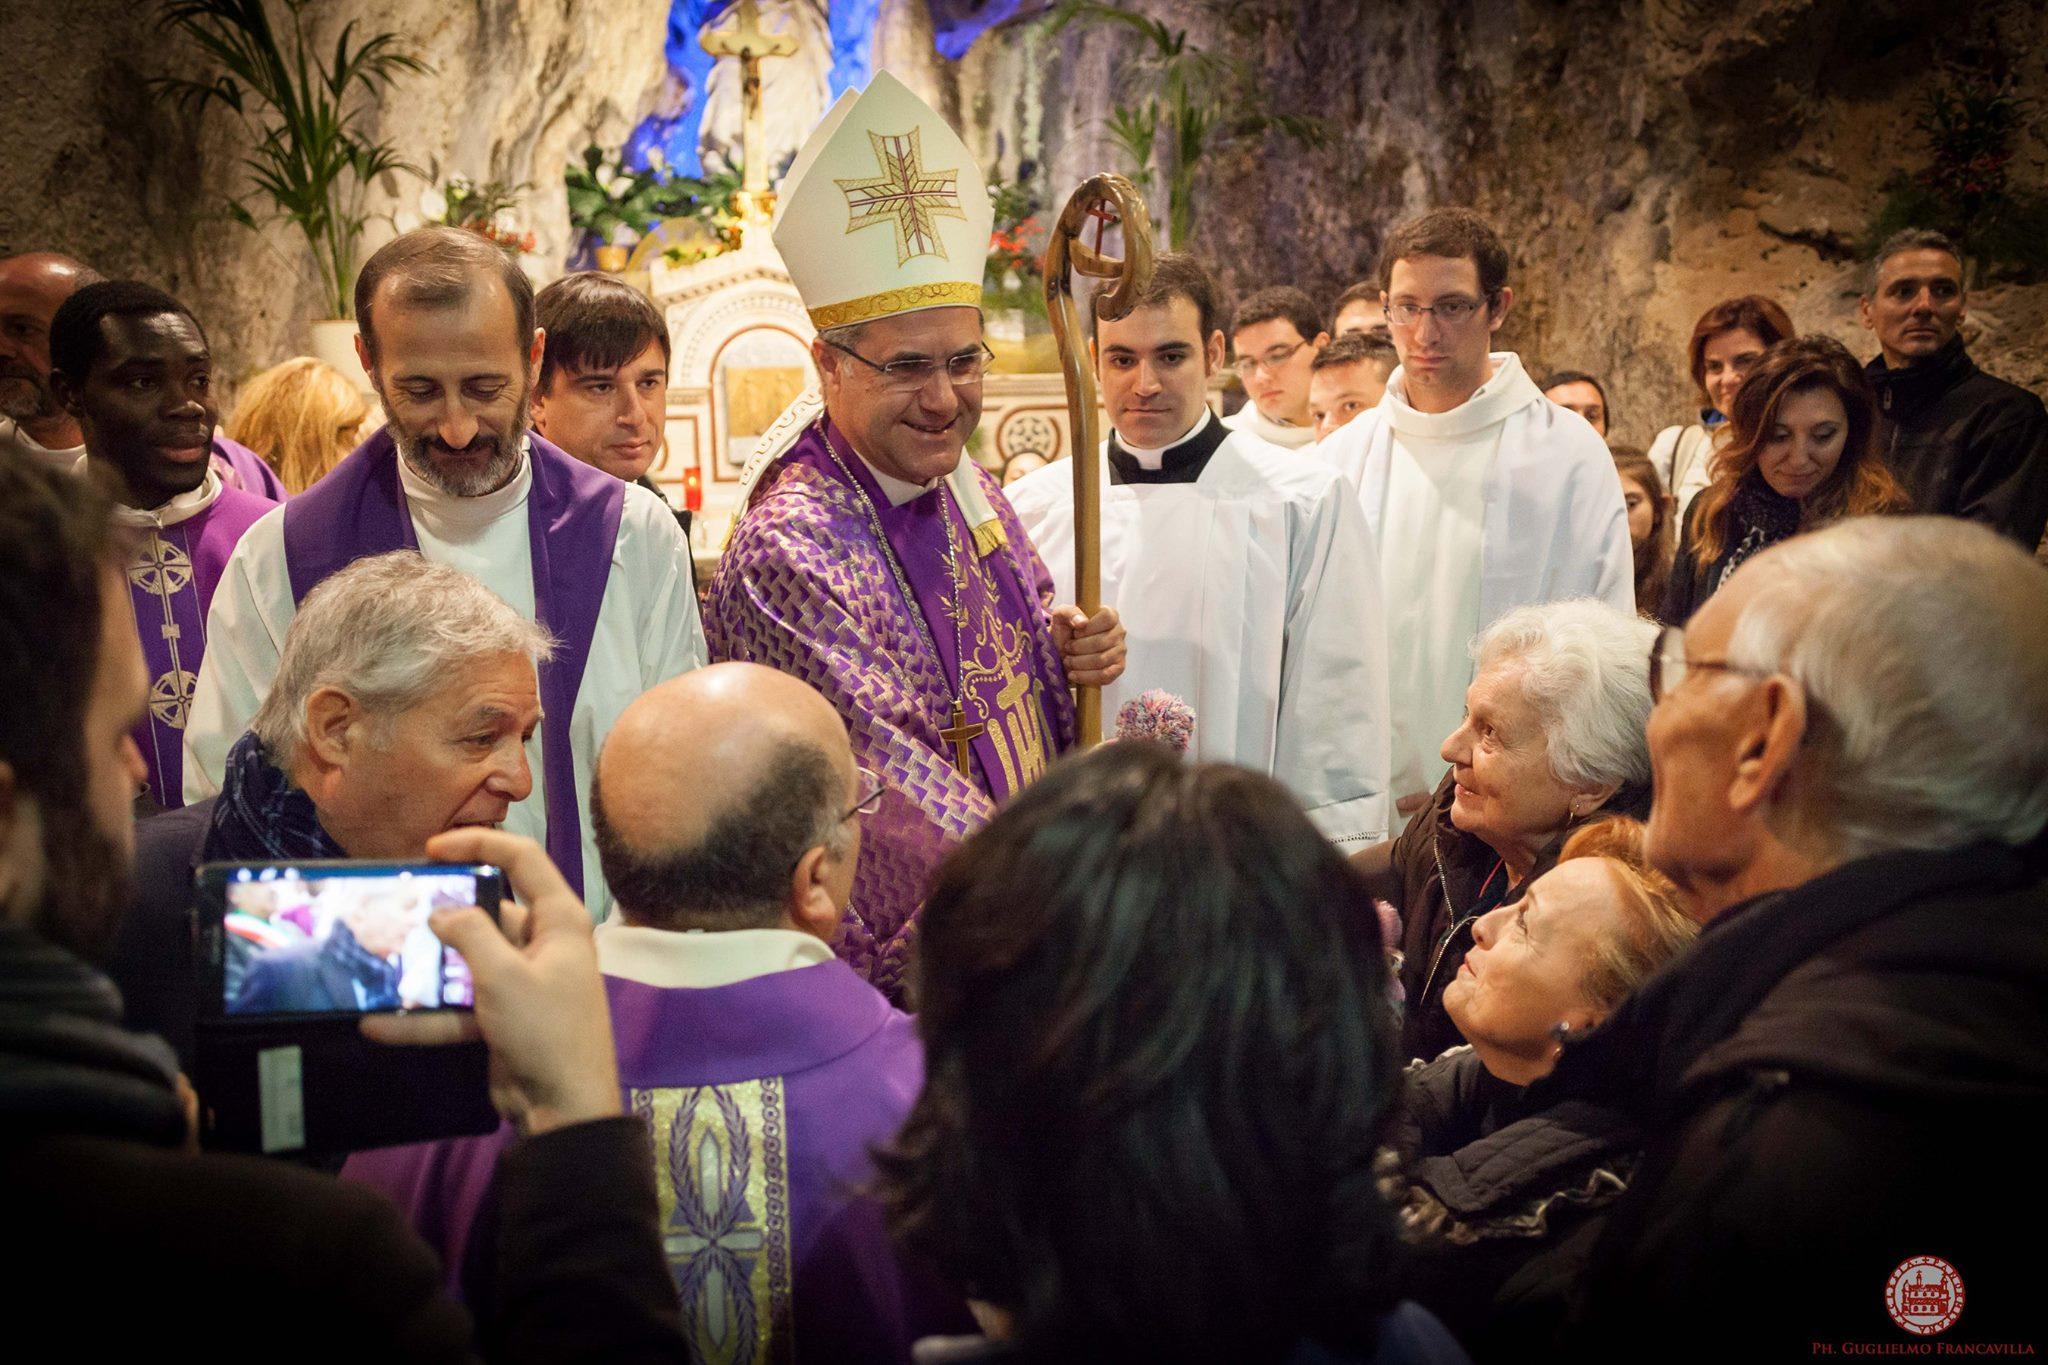 Mons. Corrado Lorefice Al Santuario In Occasione Dell'Apertura Della Porta Santa Il 20 Dicembre 2015